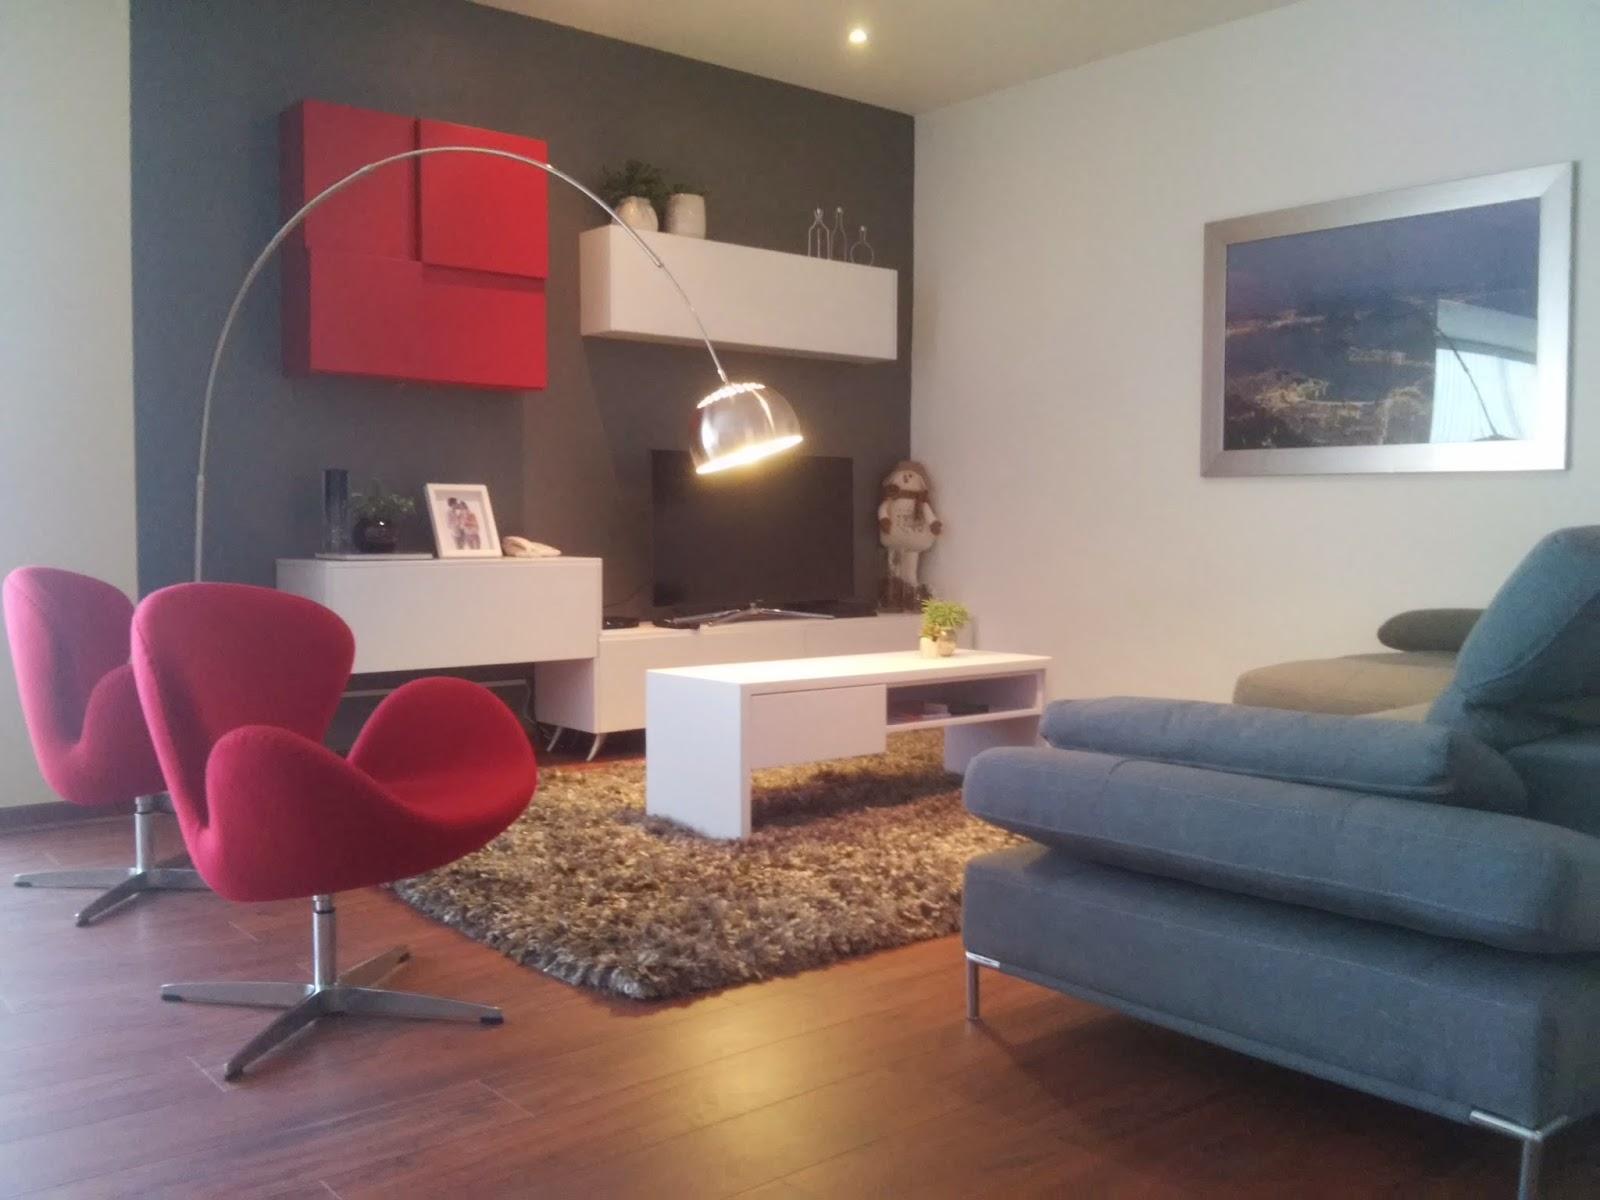 Decoraci n de interiores y dise o de departamentos for Diseno de interiores minimalista espacios pequenos